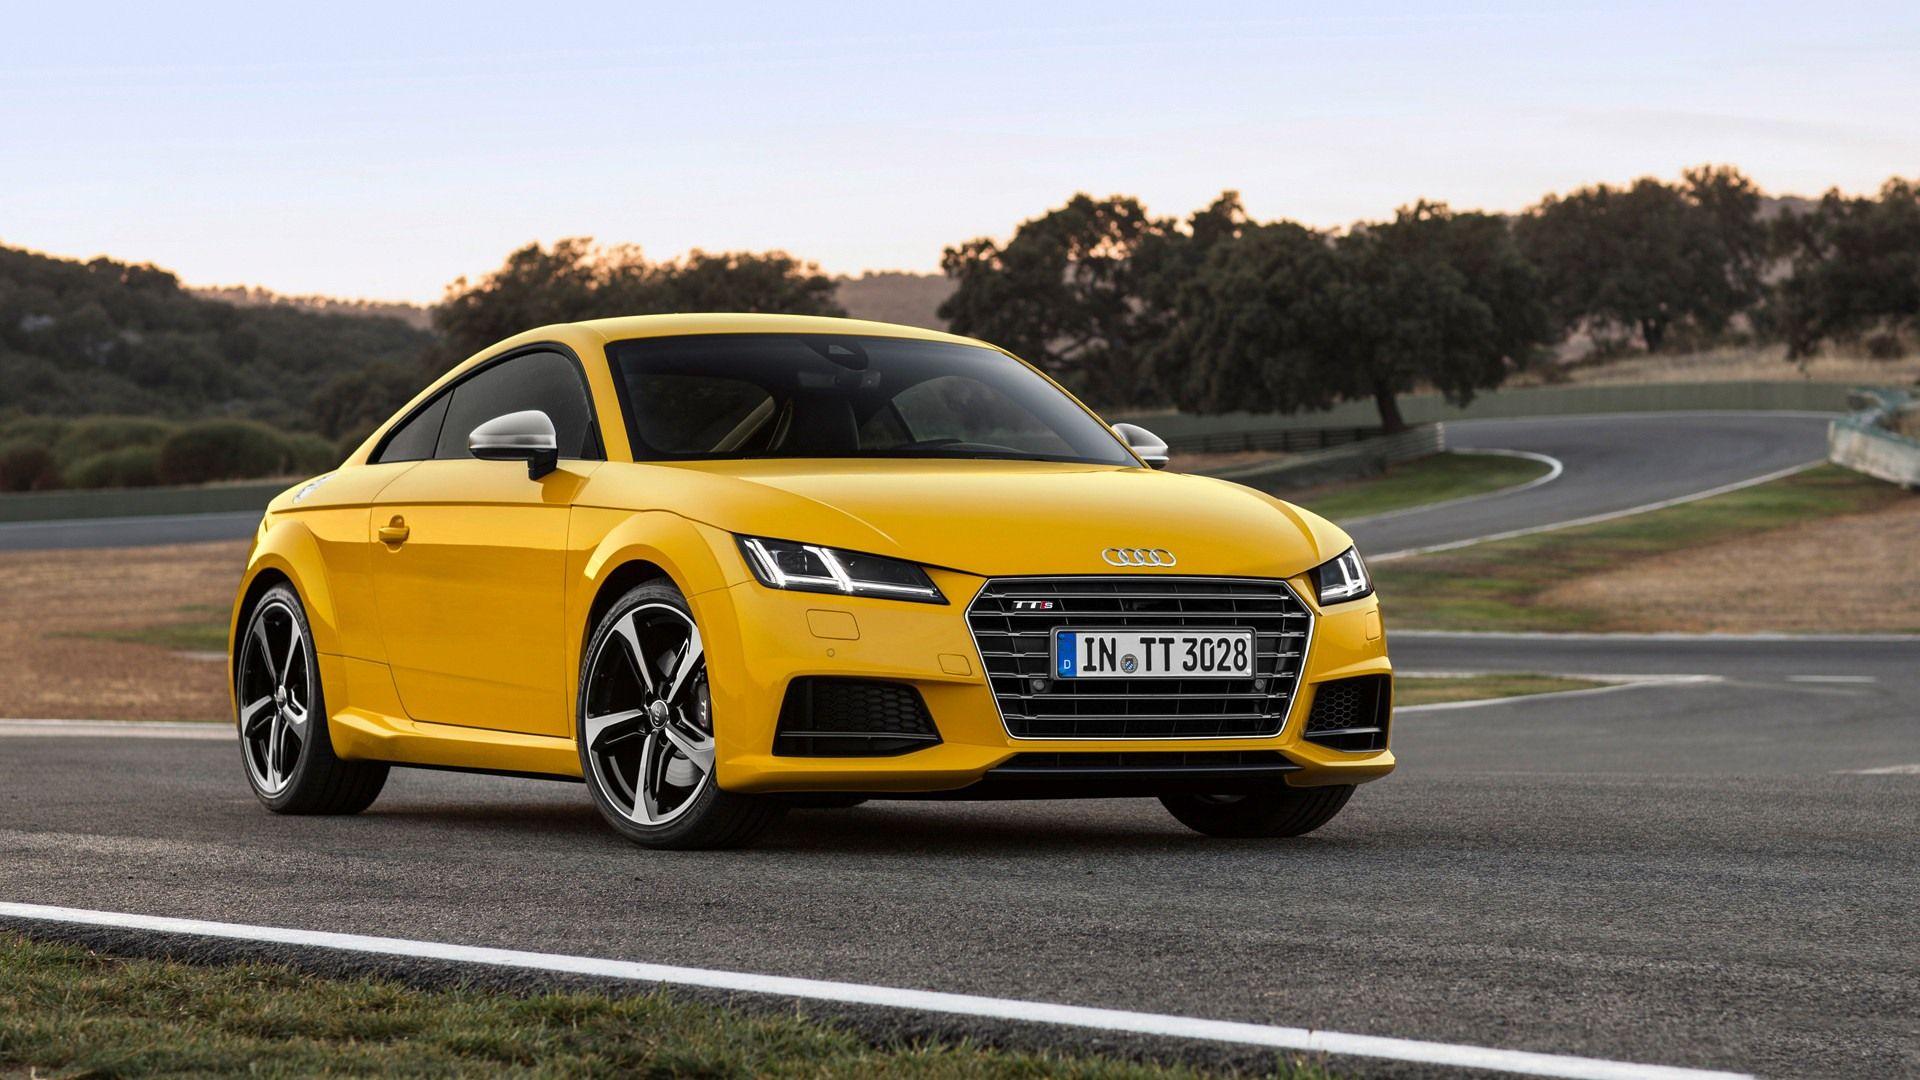 Kelebihan Kekurangan Audi Tt 2015 Review